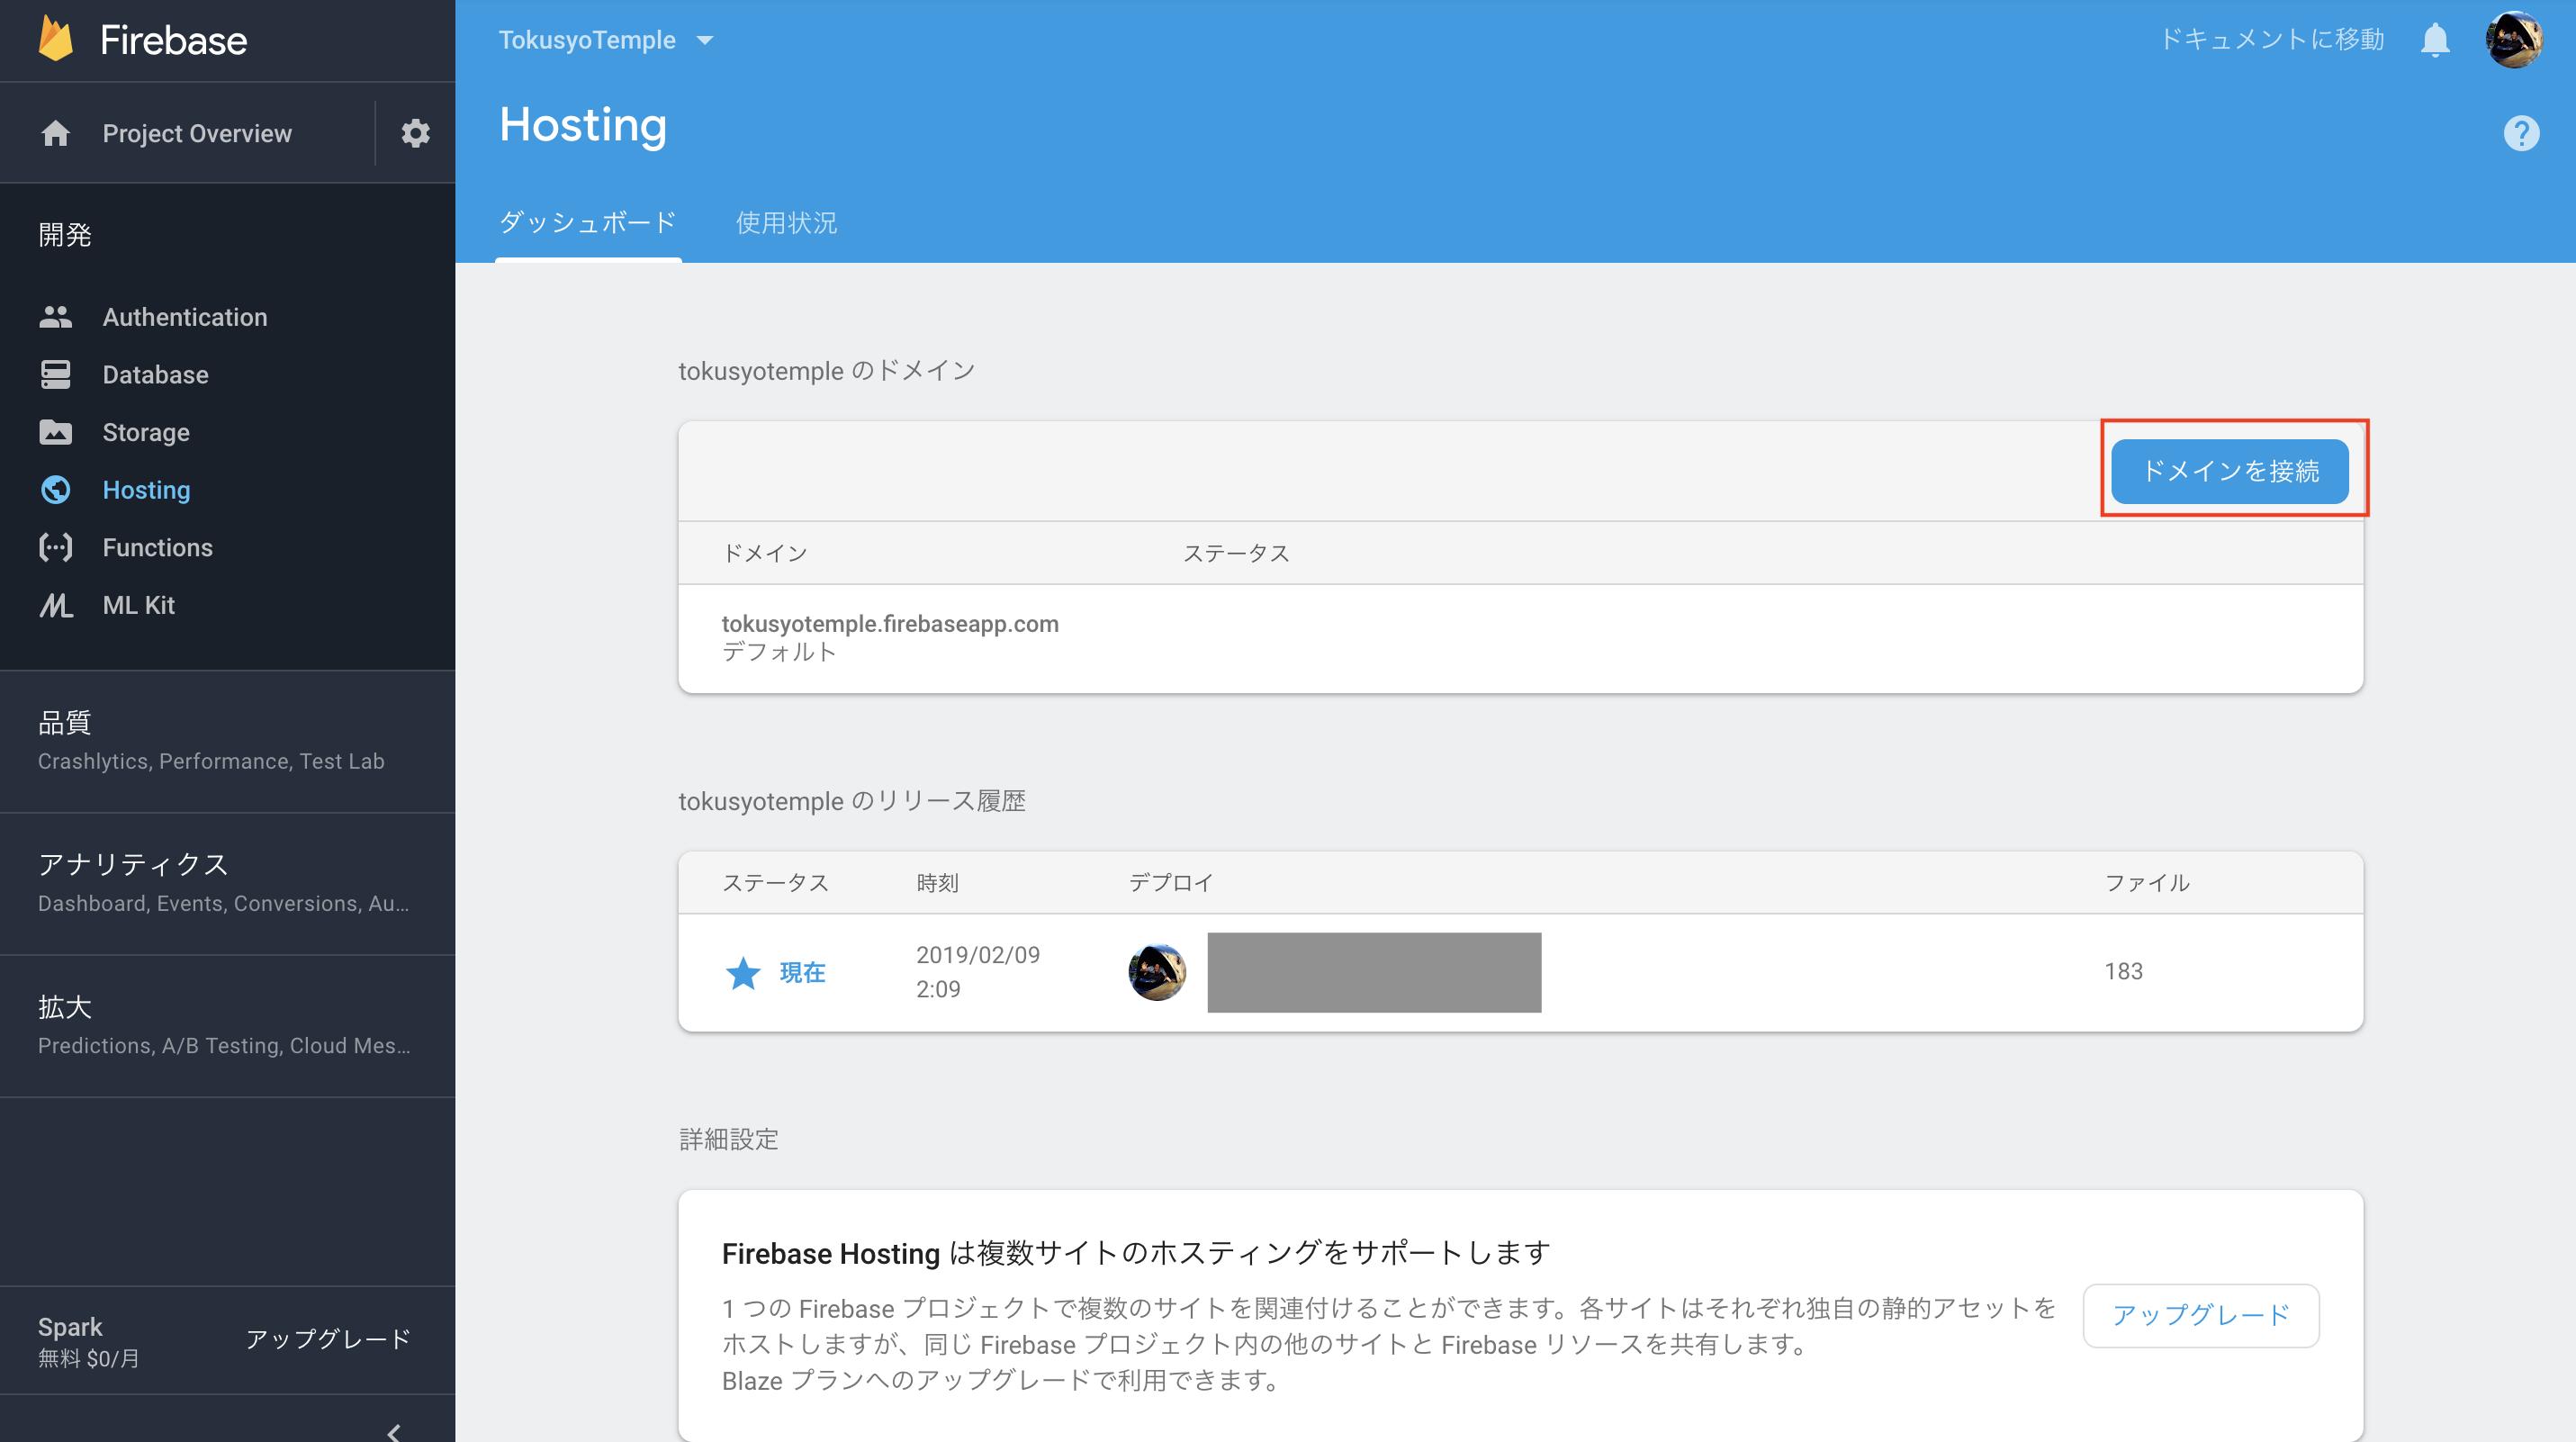 スクリーンショット 2019-02-09 2.14.20.png